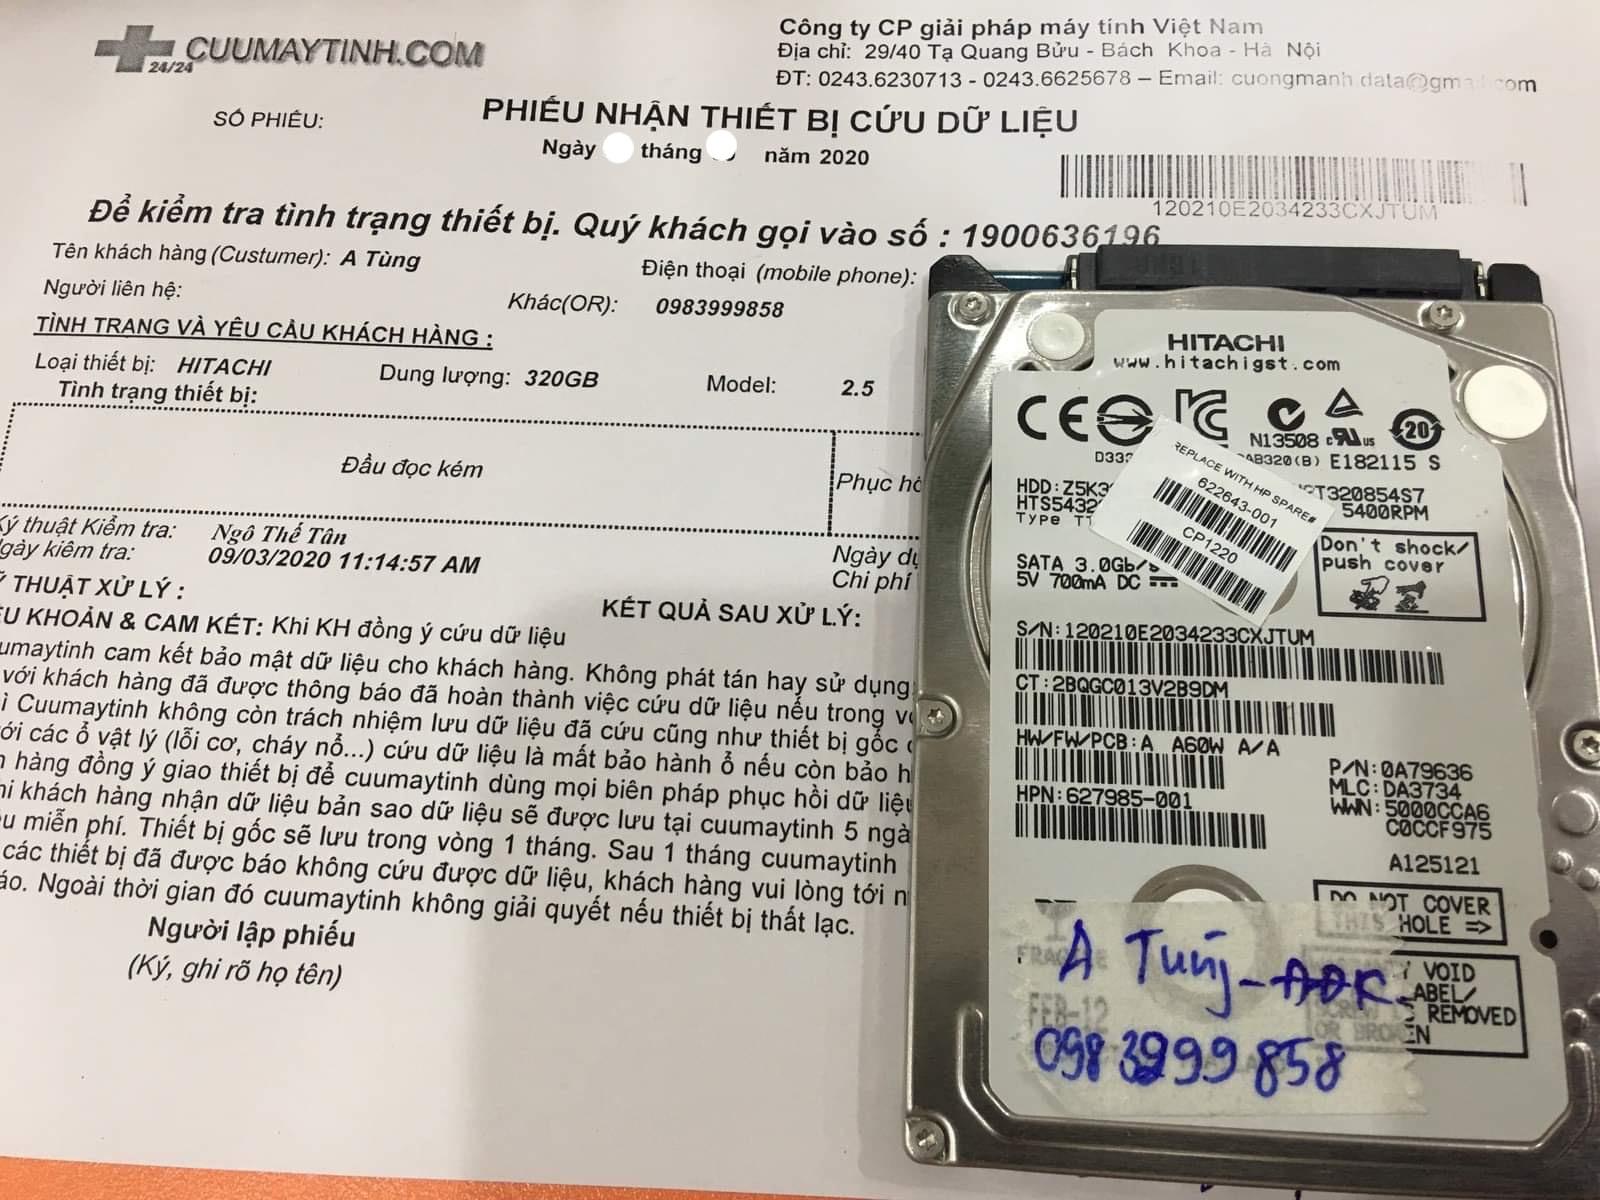 Lấy dữ liệu ổ cứng Hitachi 320GB đầu đọc kém 12/10/2020 - cuumaytinh